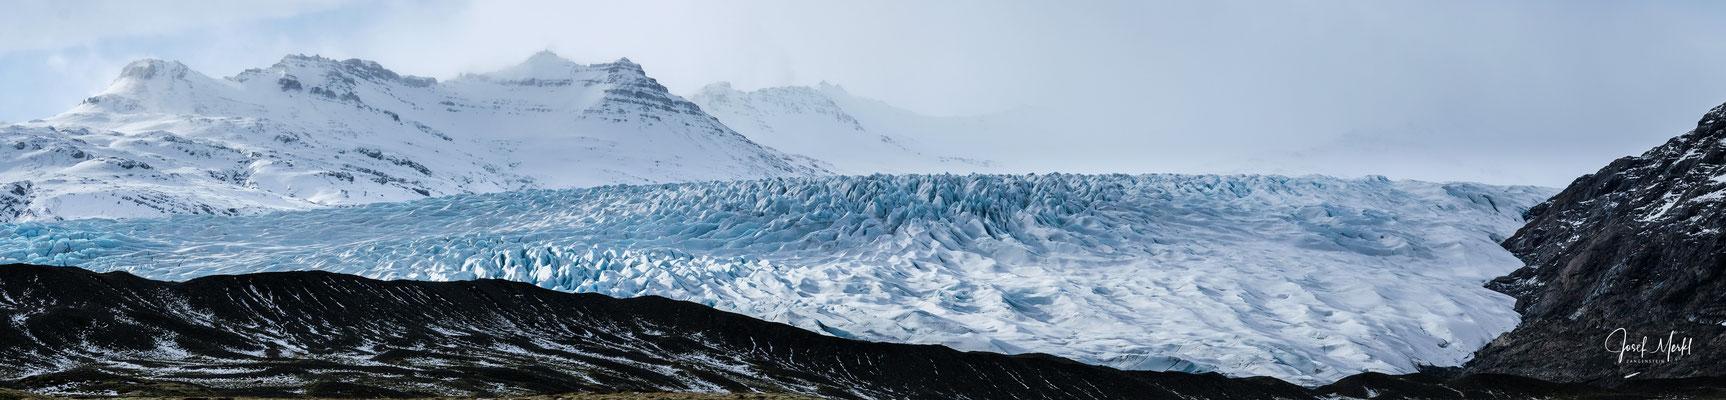 Gletscherzunge Fláajökull des Vatnajökull (größter Gletscher Europas)